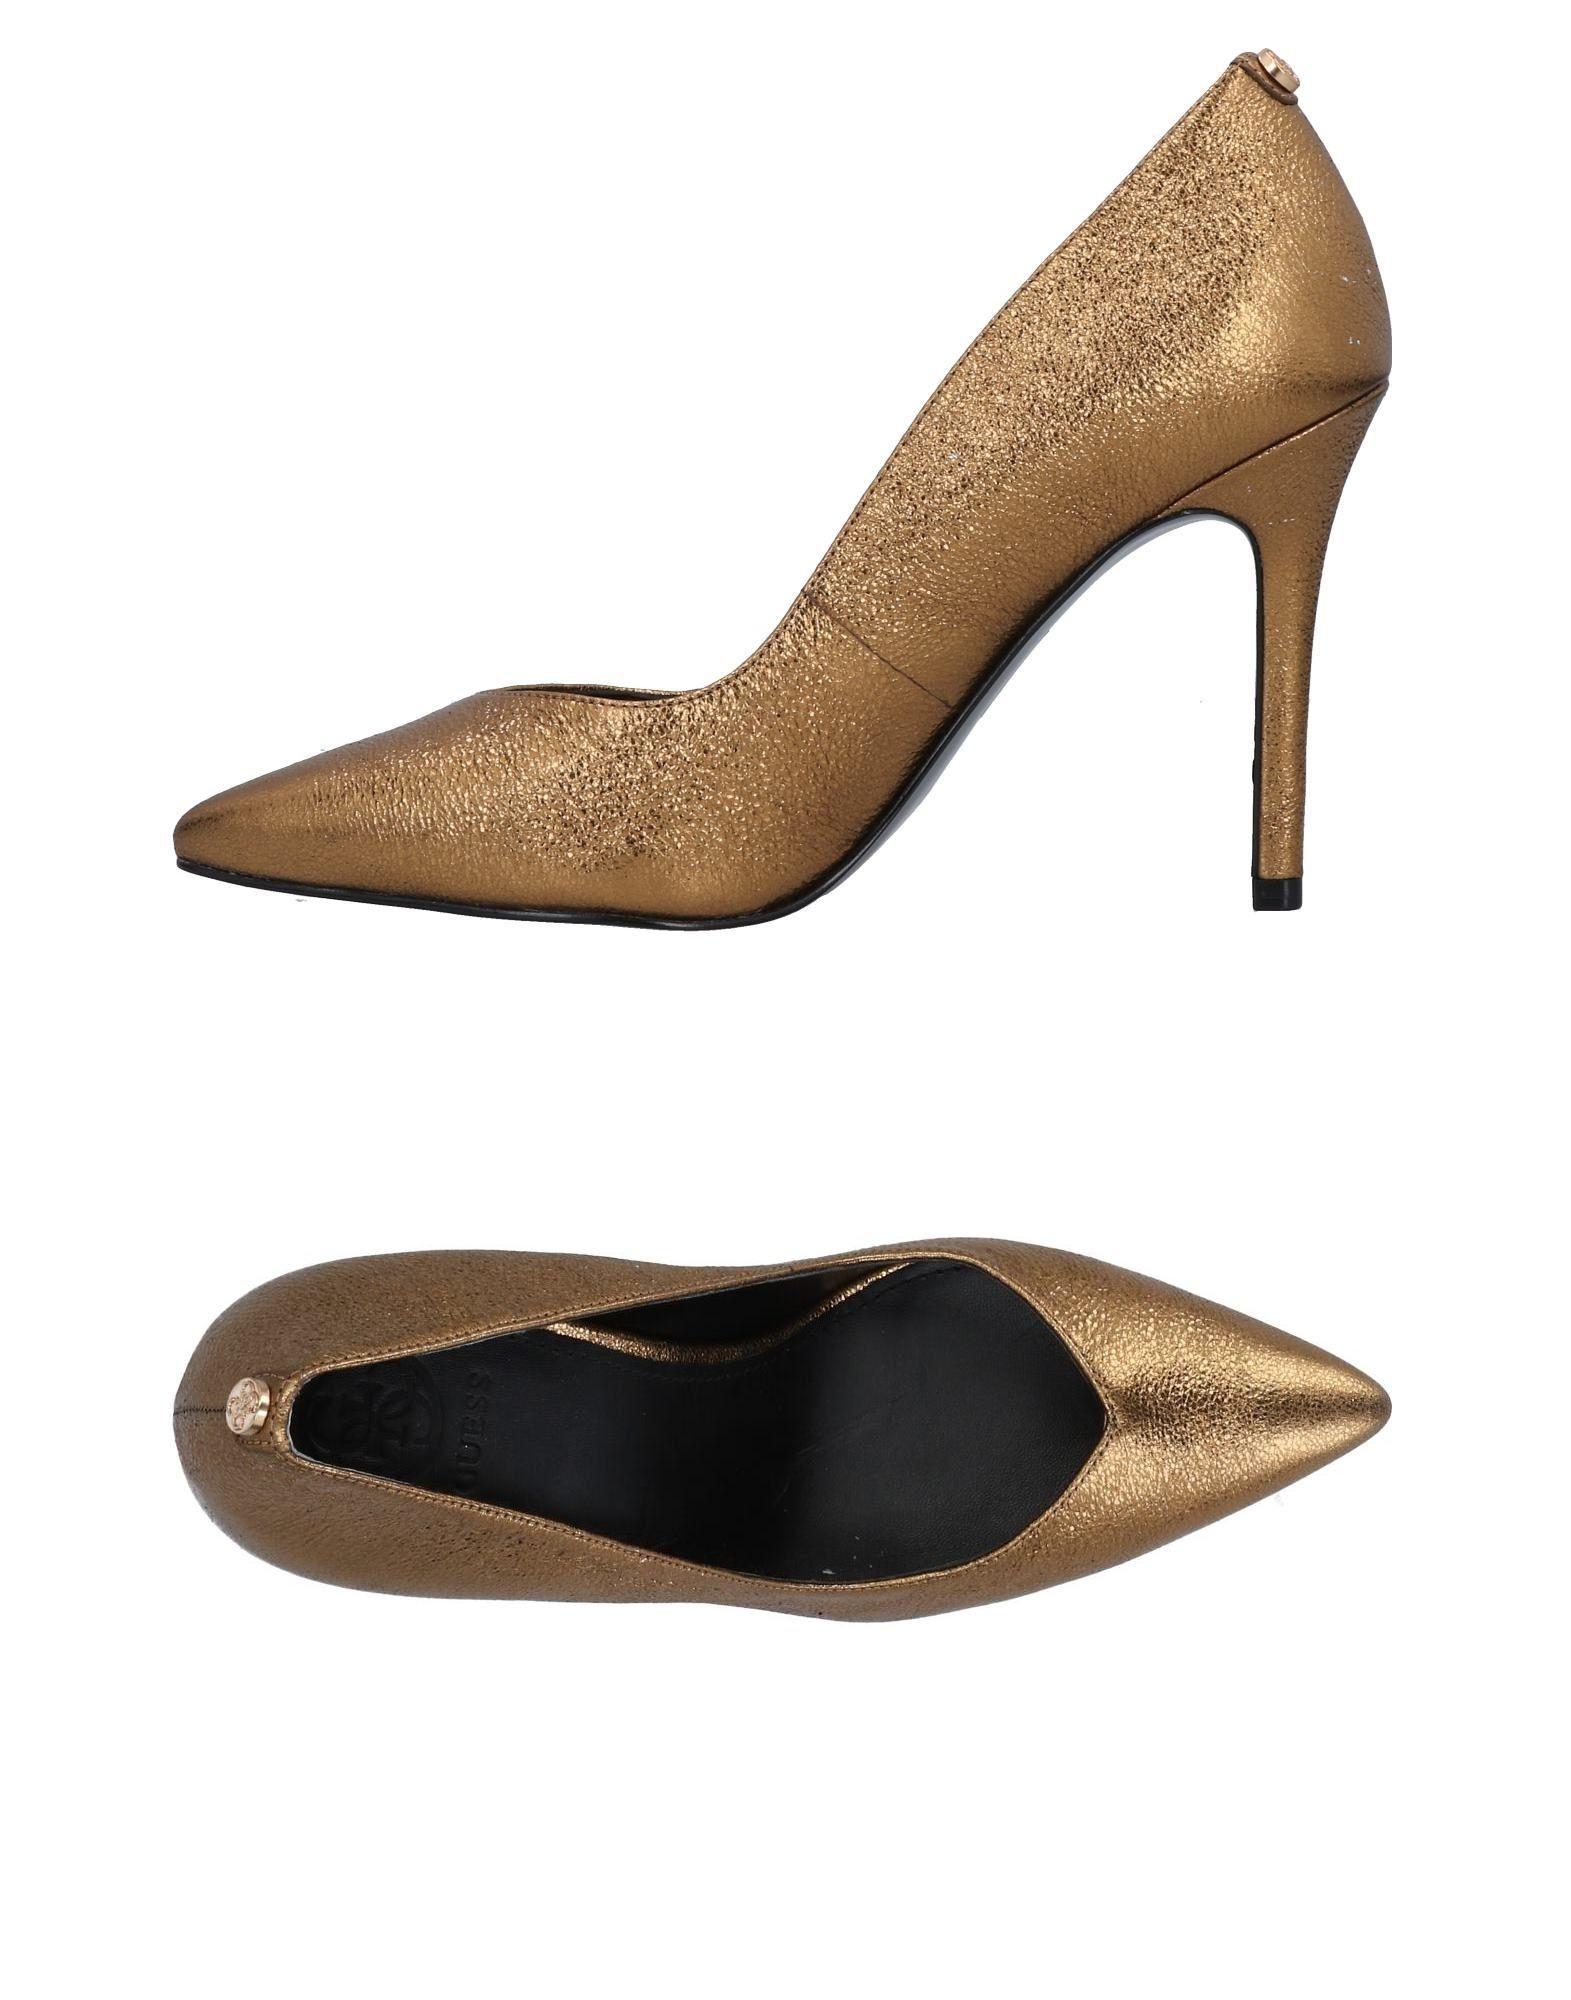 Guess Pumps Damen  11492920AU Gute Qualität beliebte beliebte beliebte Schuhe c9a042